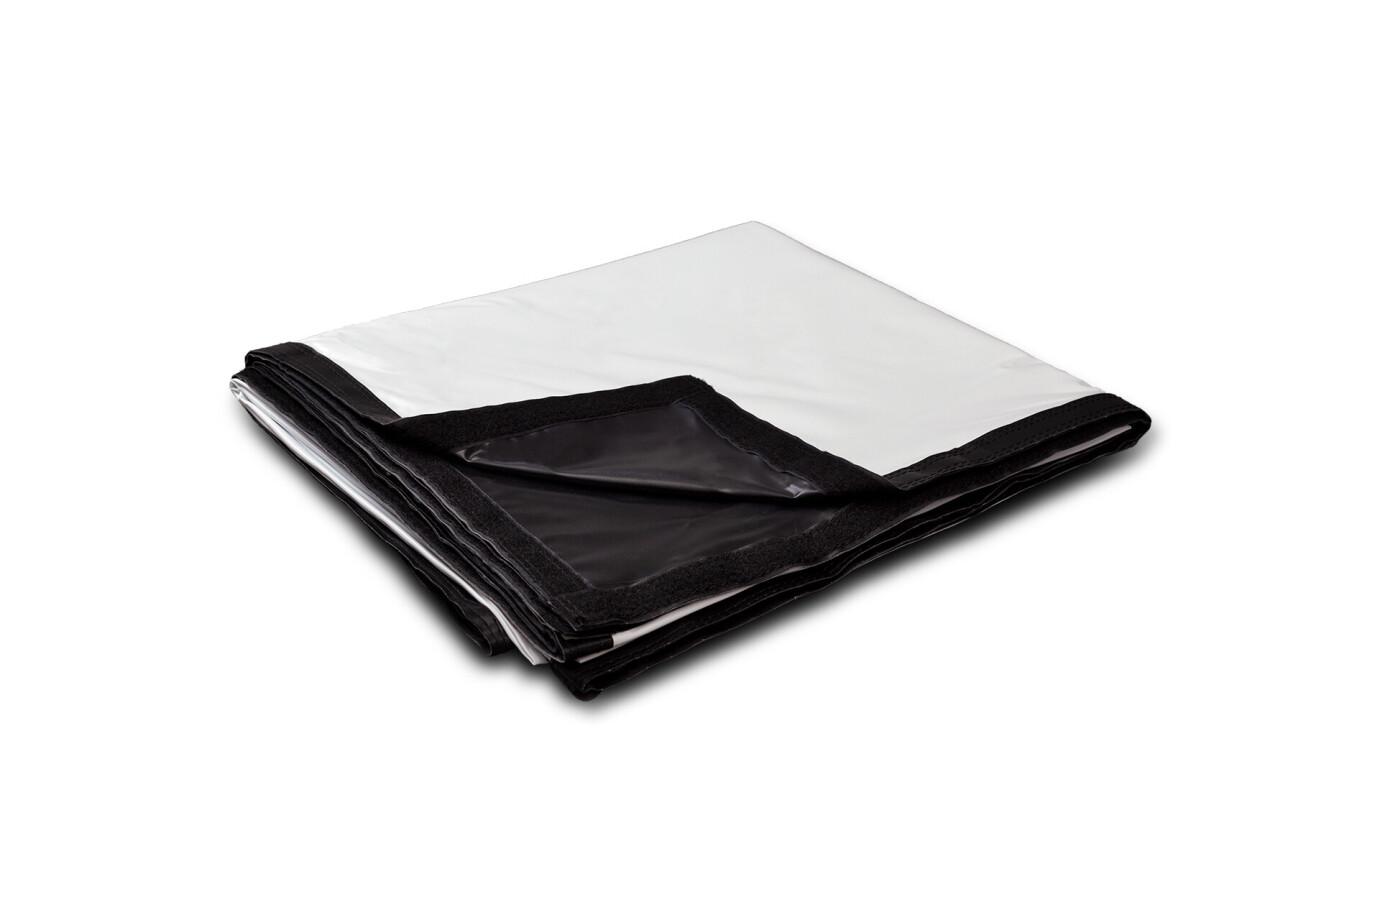 Frontprojektionstuch für celexon aufblasbare Outdoor-Leinwand INF200